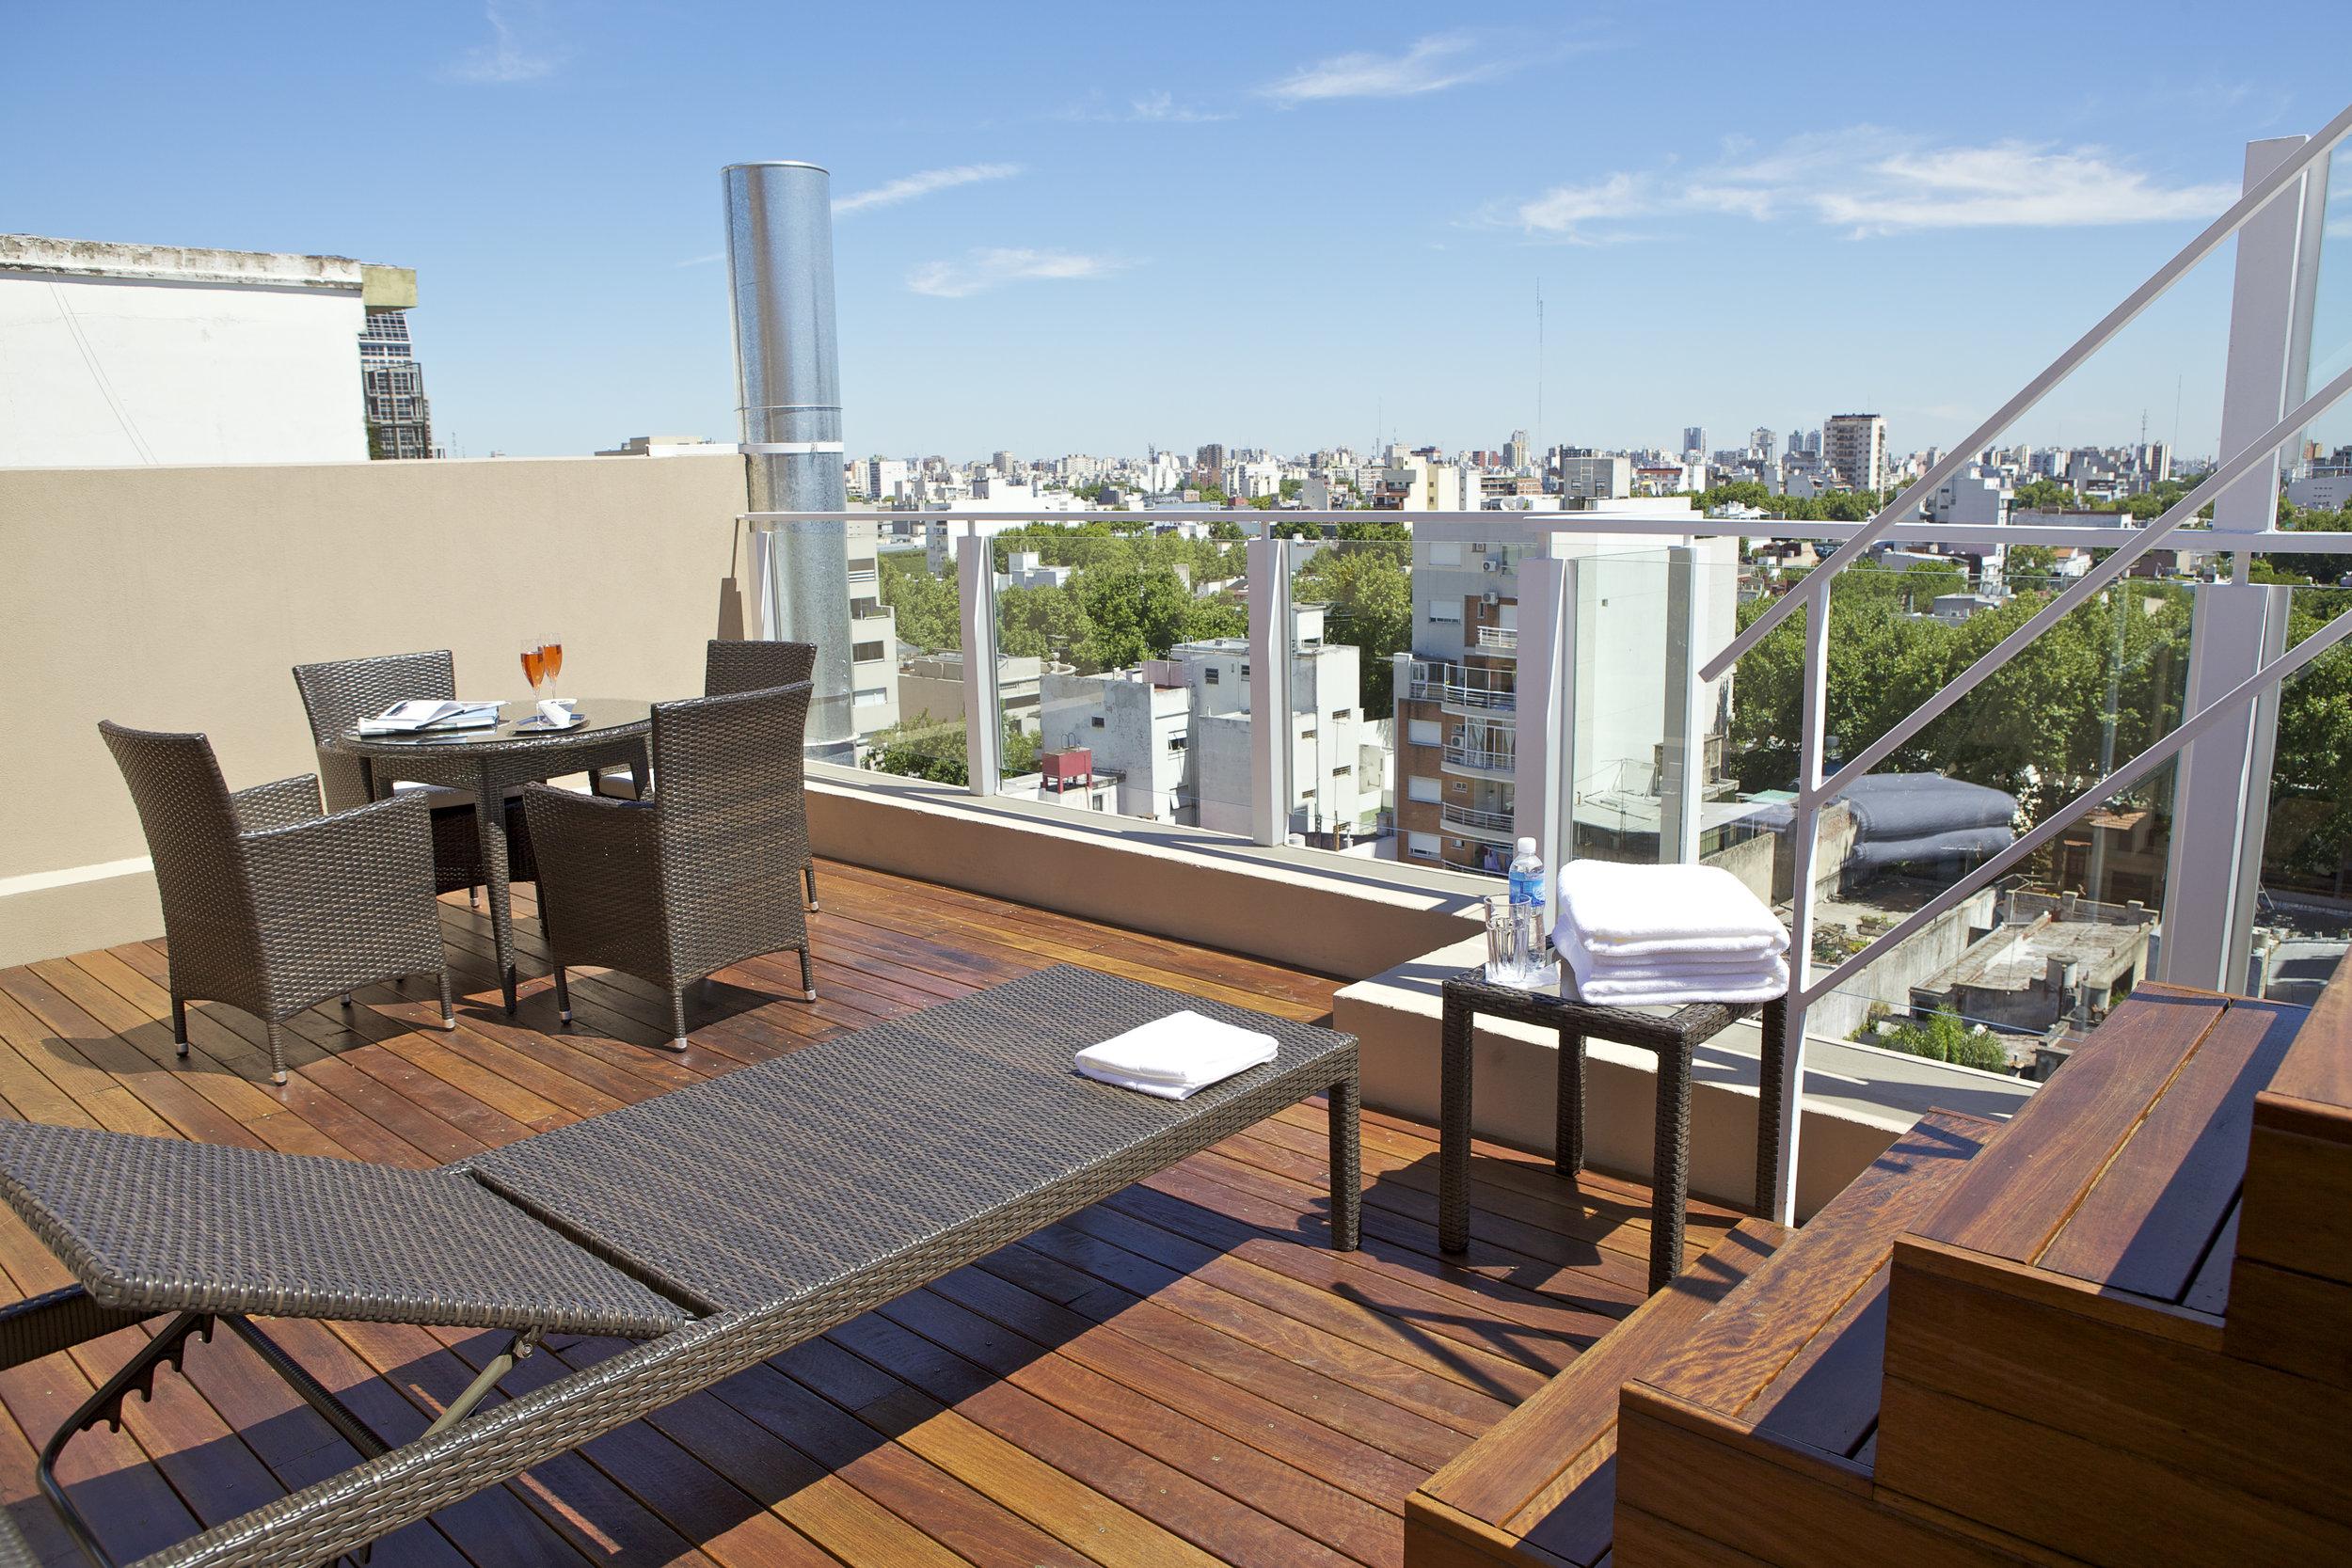 Terrace - deck2.jpg